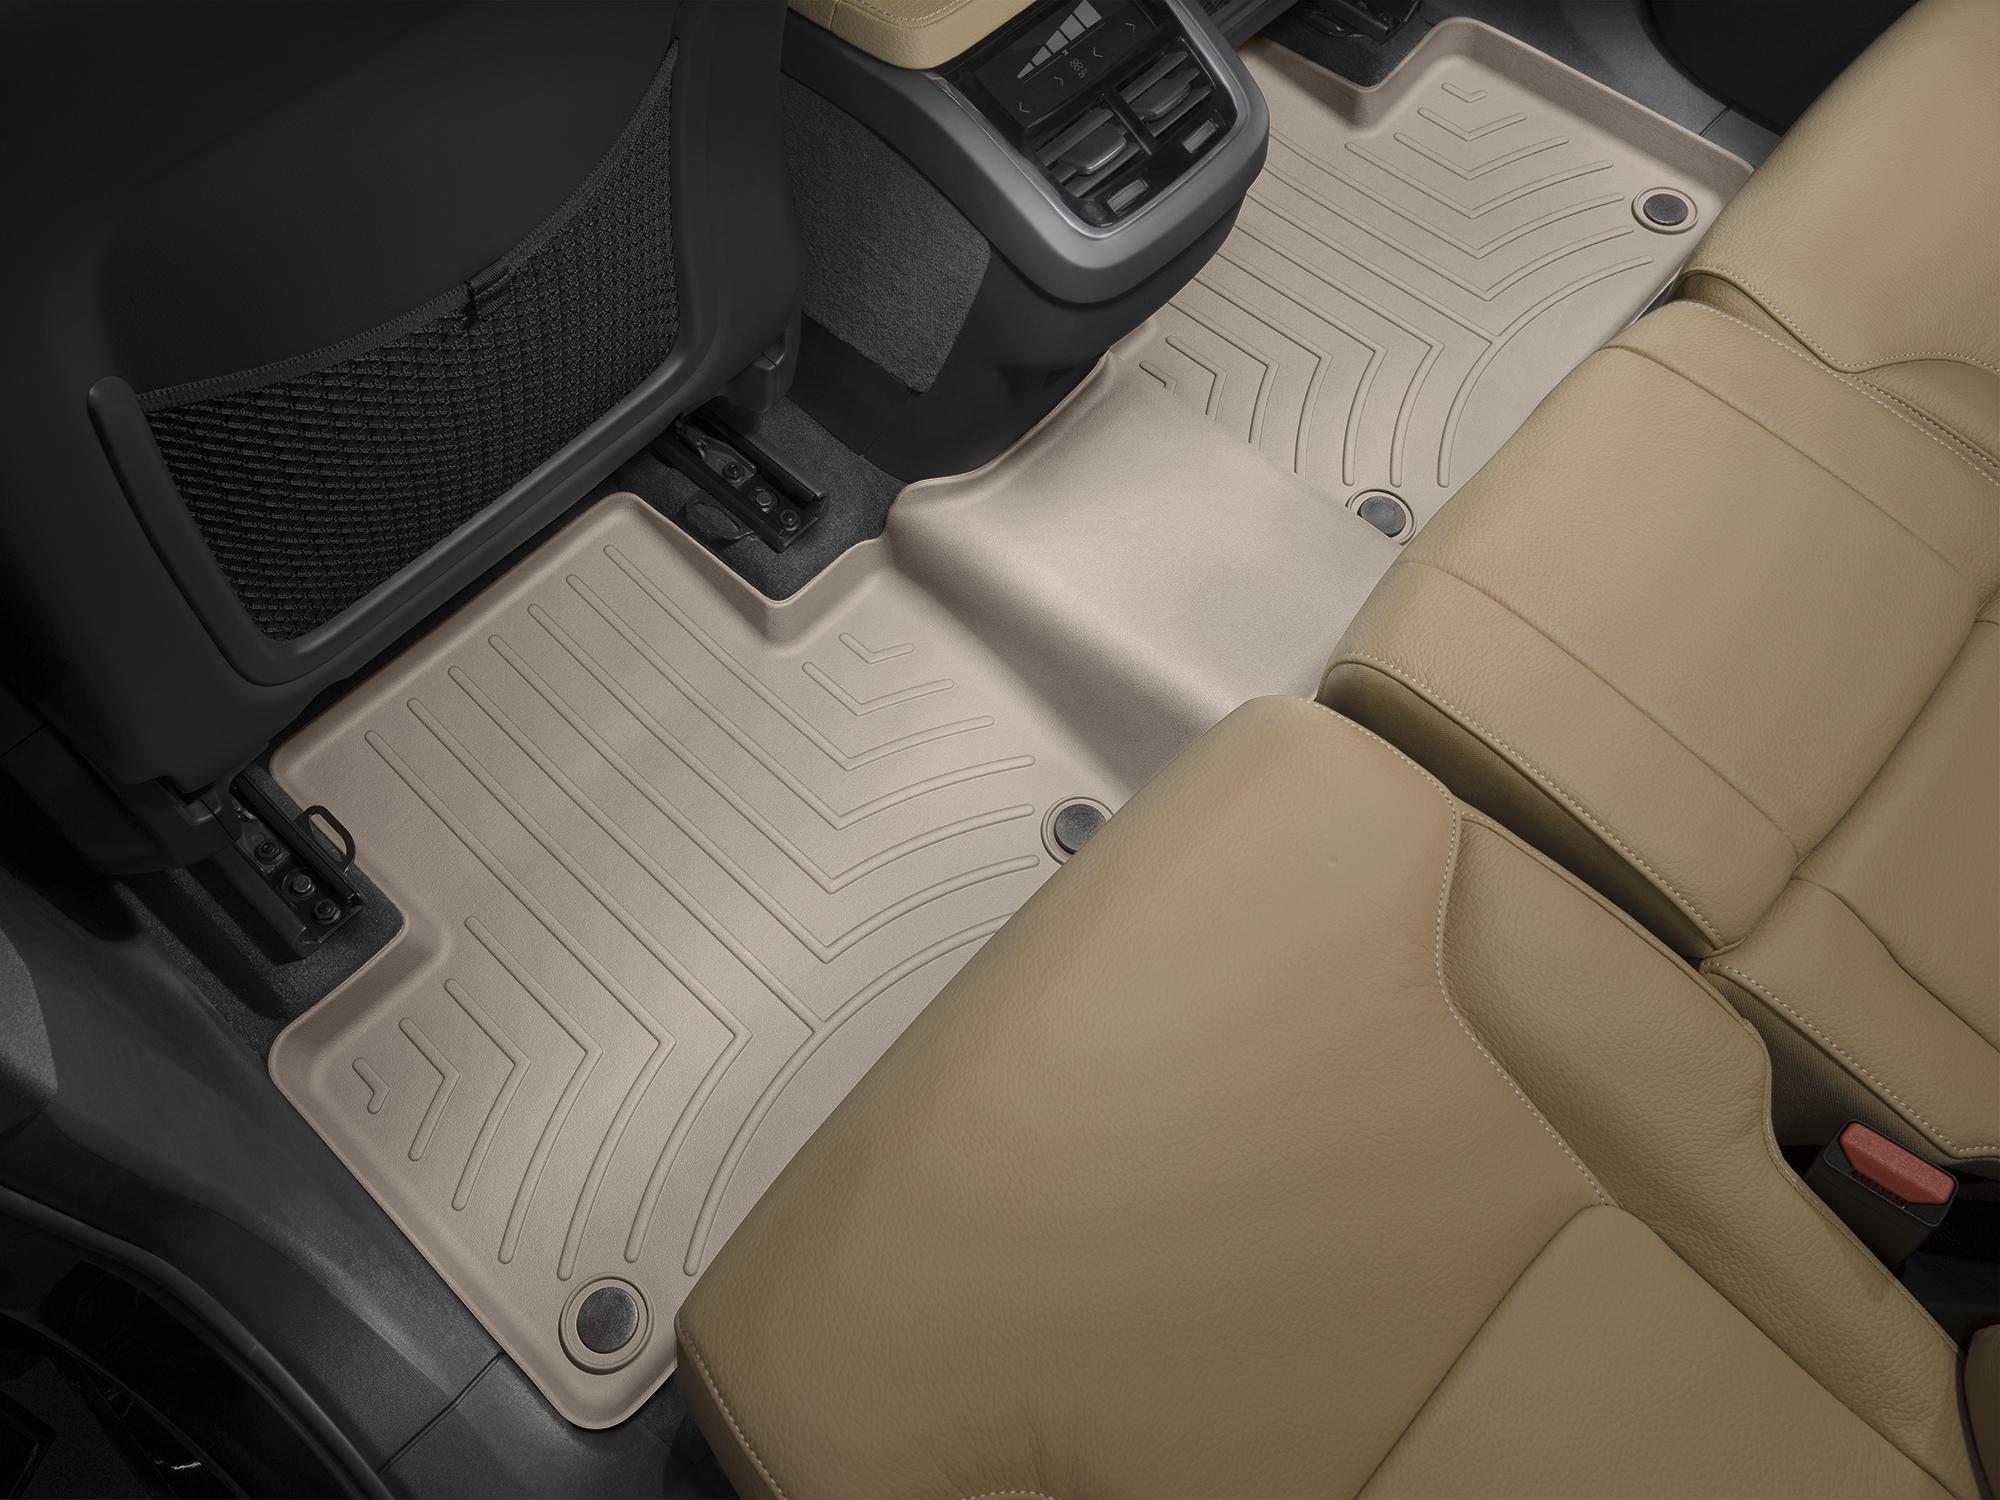 Tappeti gomma su misura bordo alto Volvo XC90 15>17 Marrone A4458*